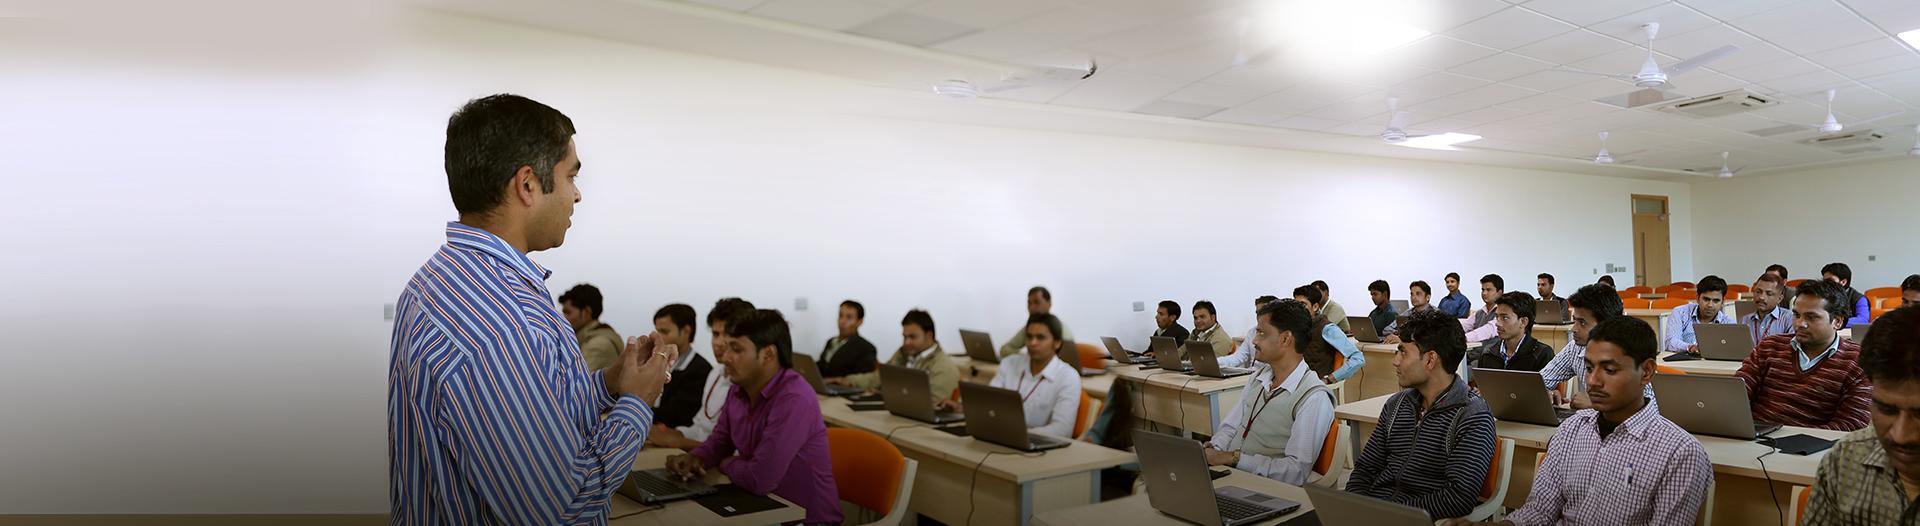 Best Fashion Design College In Jaipur Fashion Design Institute Manipal University Jaipur